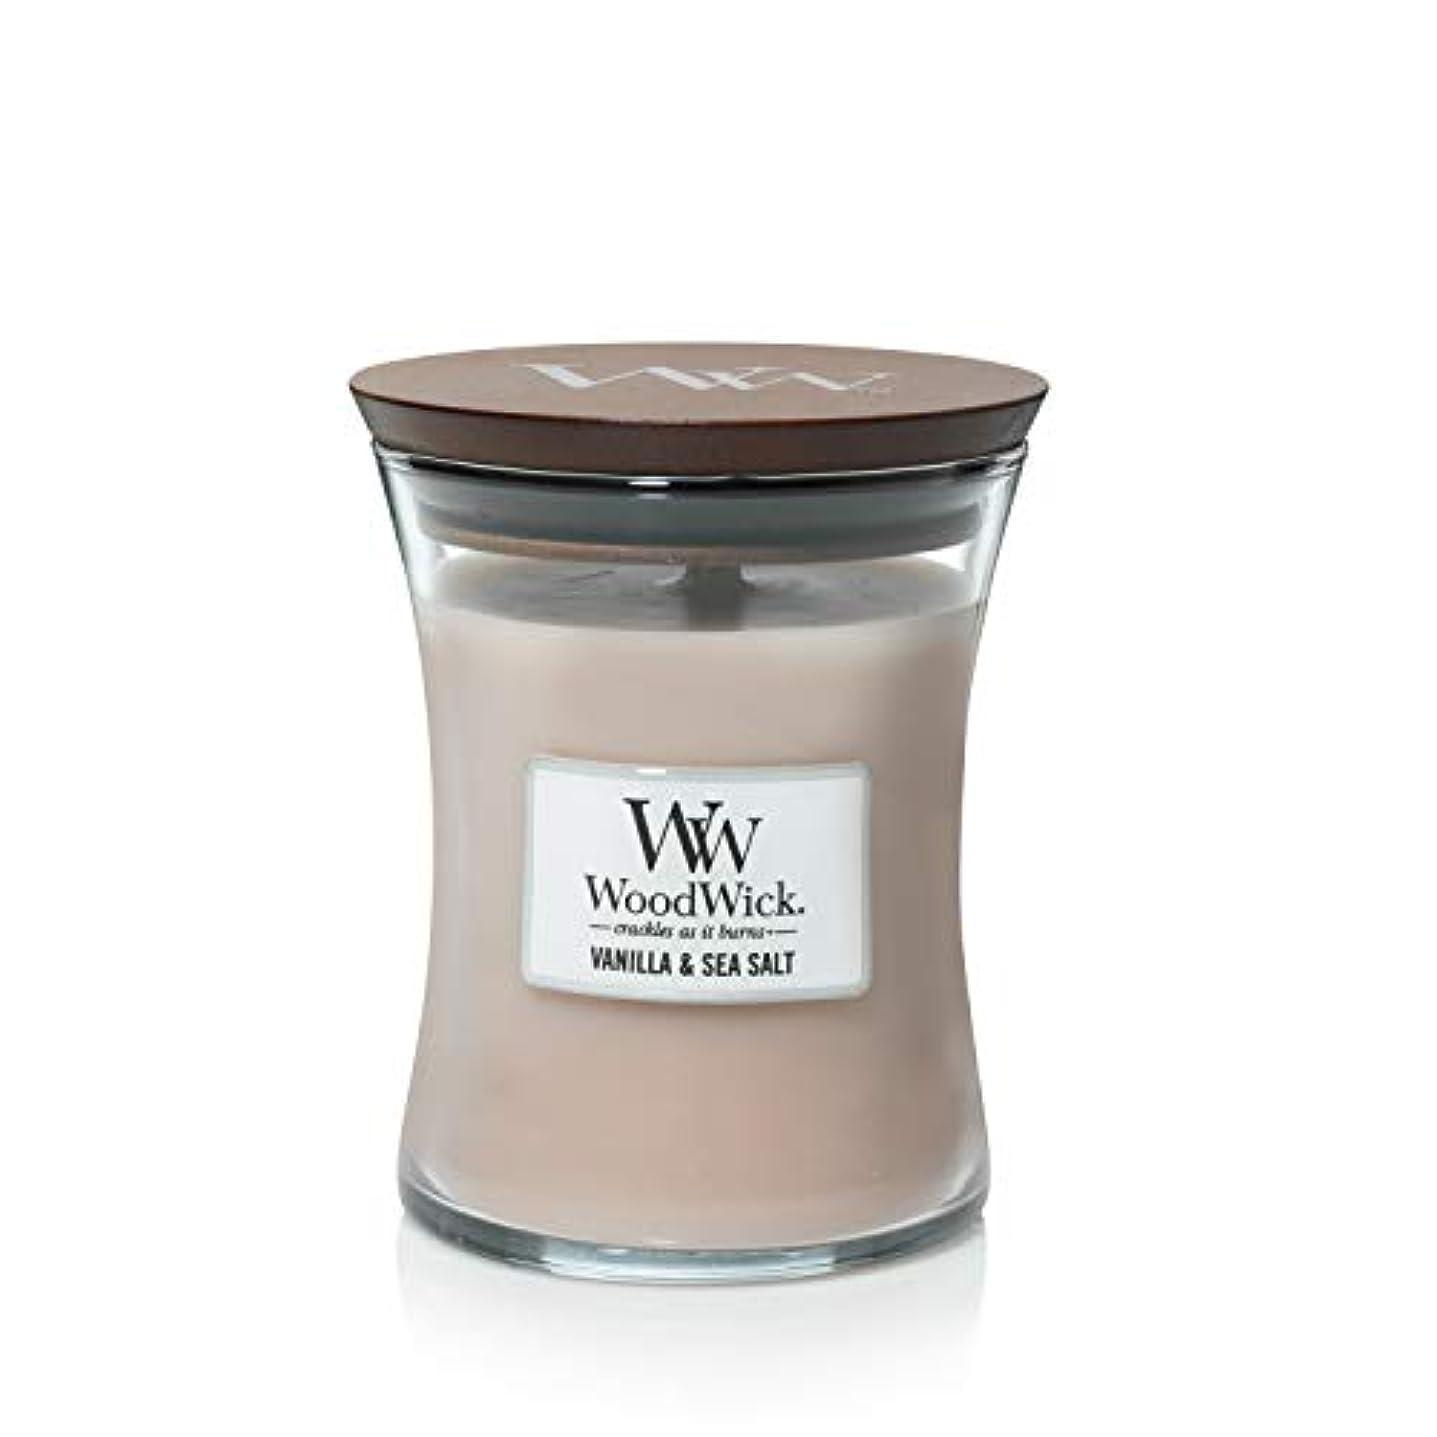 社員とにかくかわすバニラSea Salt WoodWick 10 oz Medium砂時計Jar Candle Burns 100時間